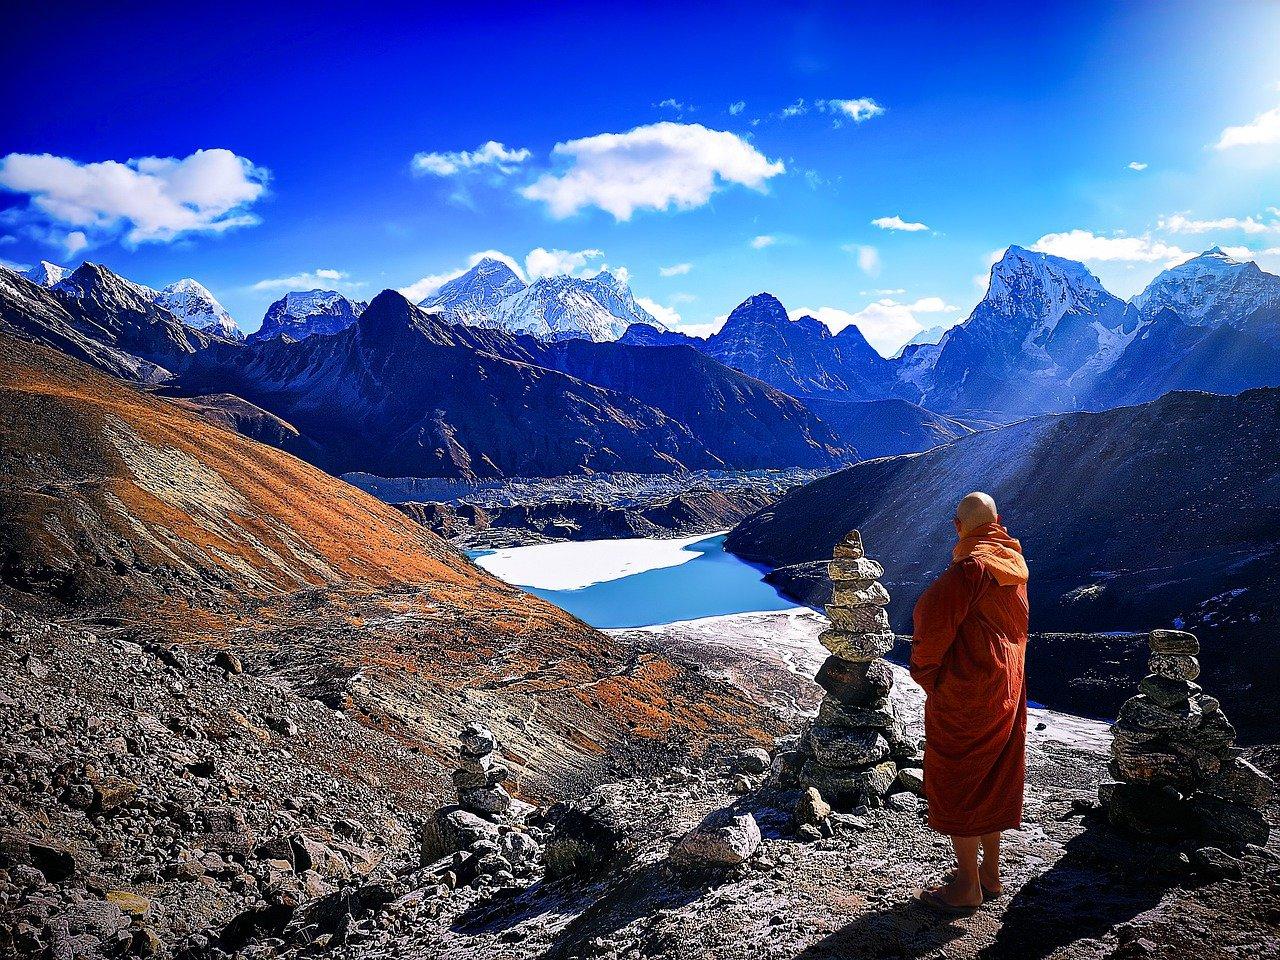 #Everest Base Camp Trek via Gokyo Lake